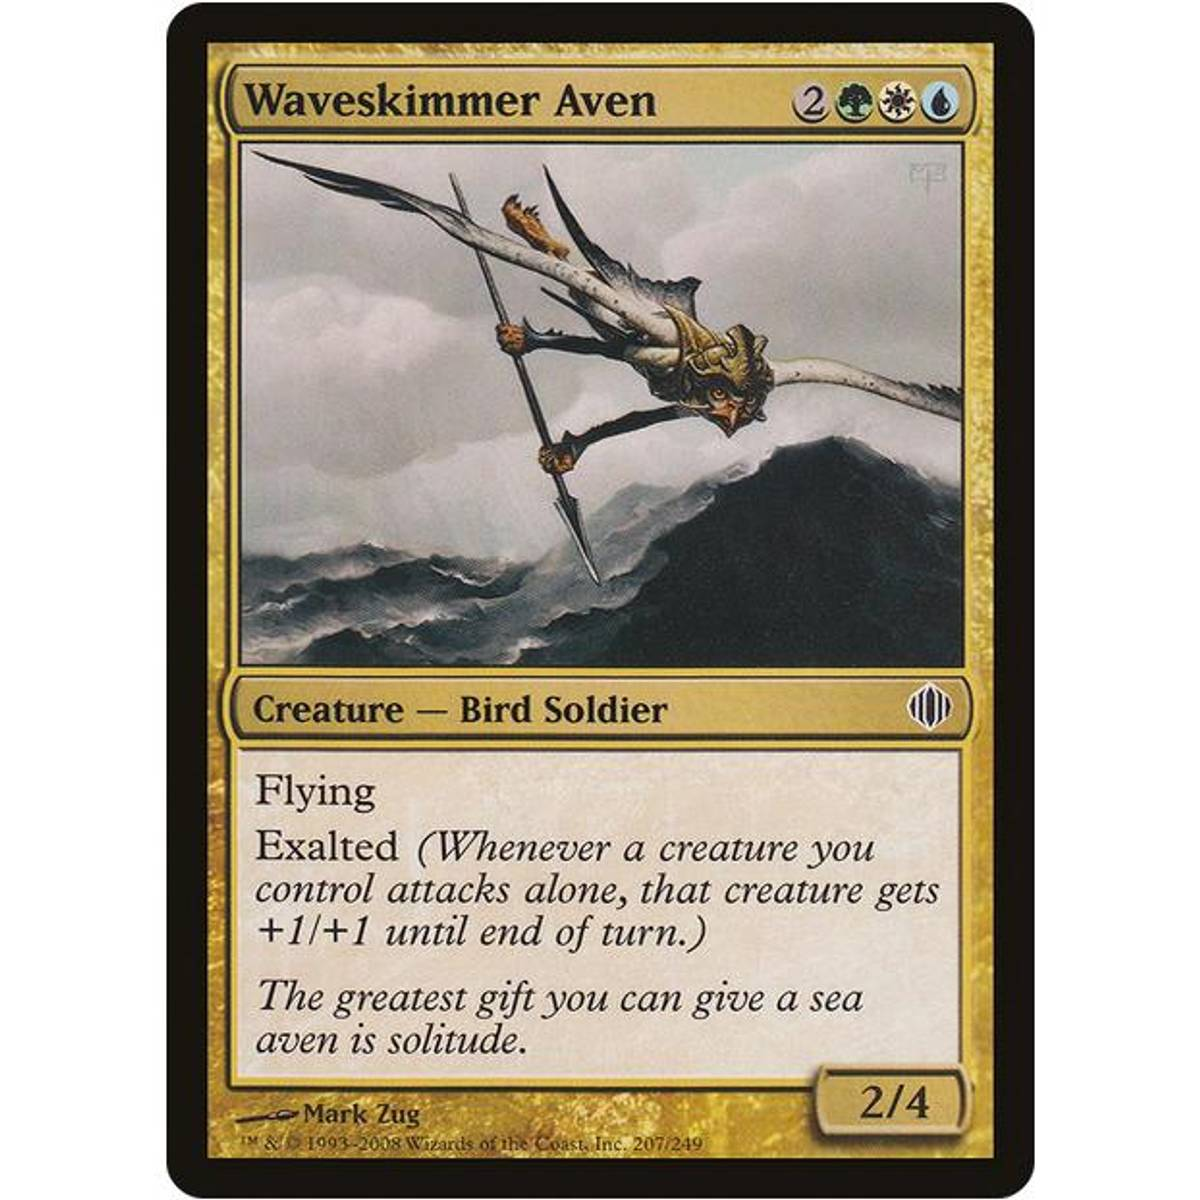 Waveskimmer Aven